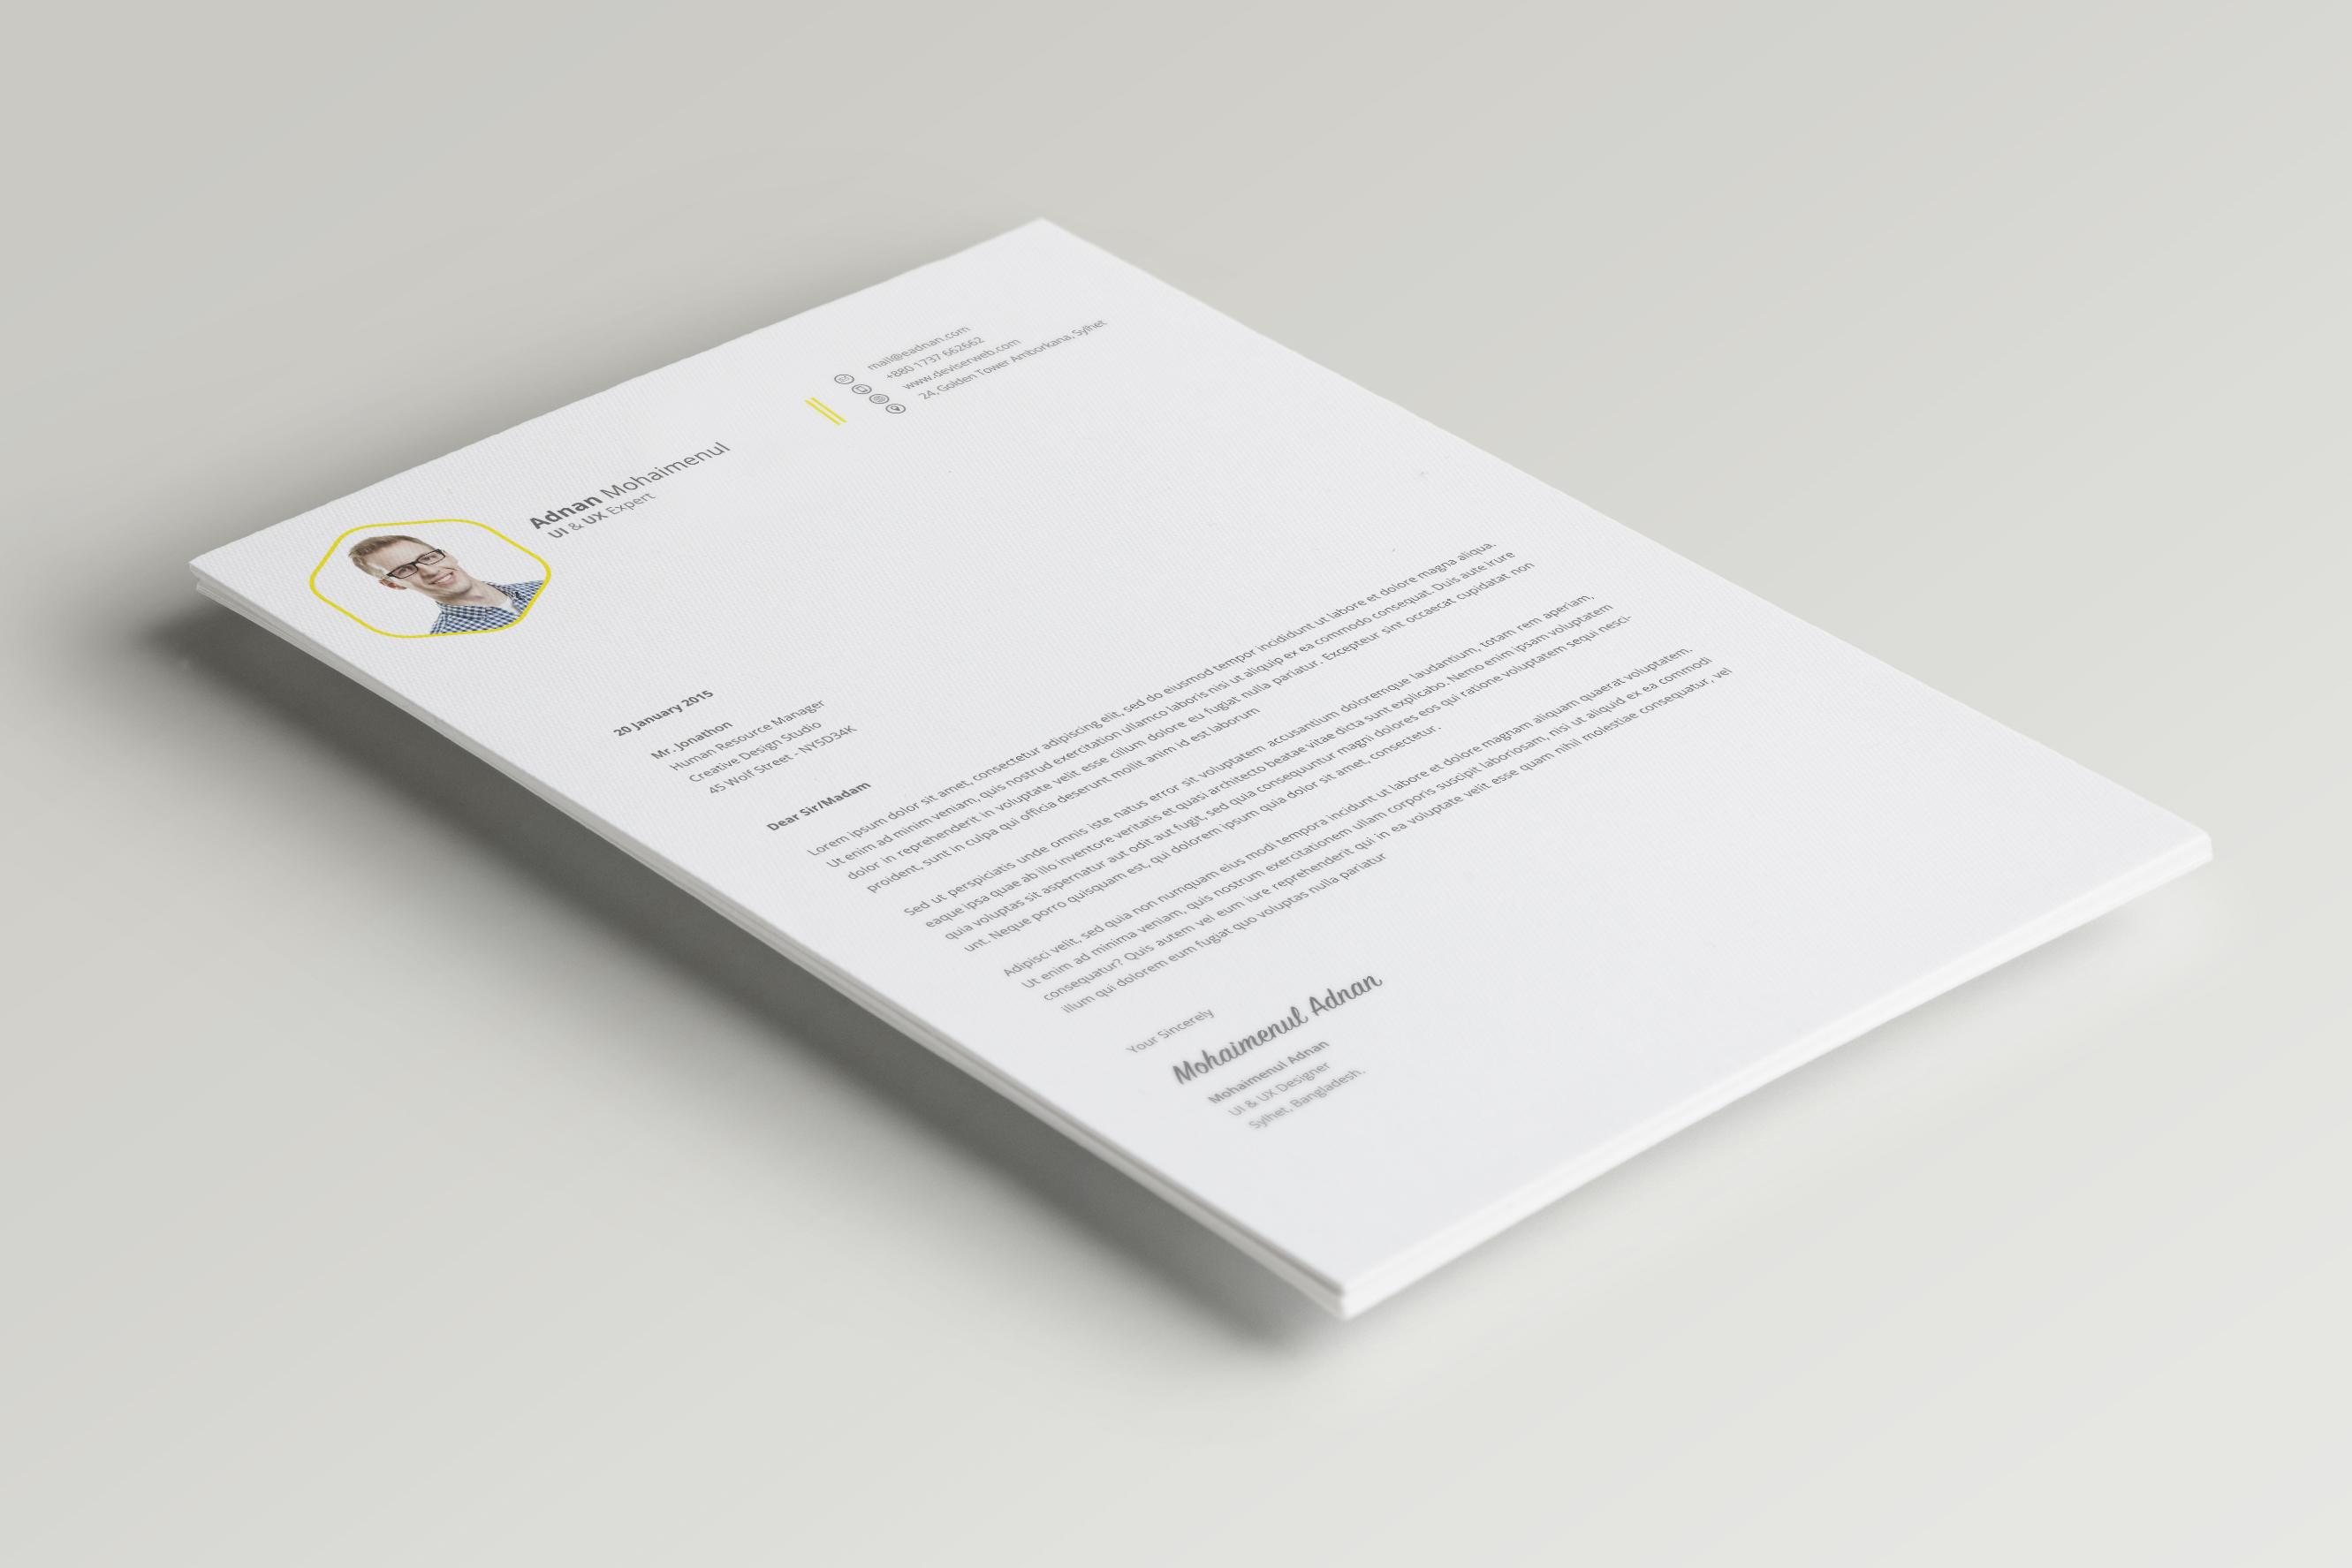 restaurant cover letter sample Parole officer cover